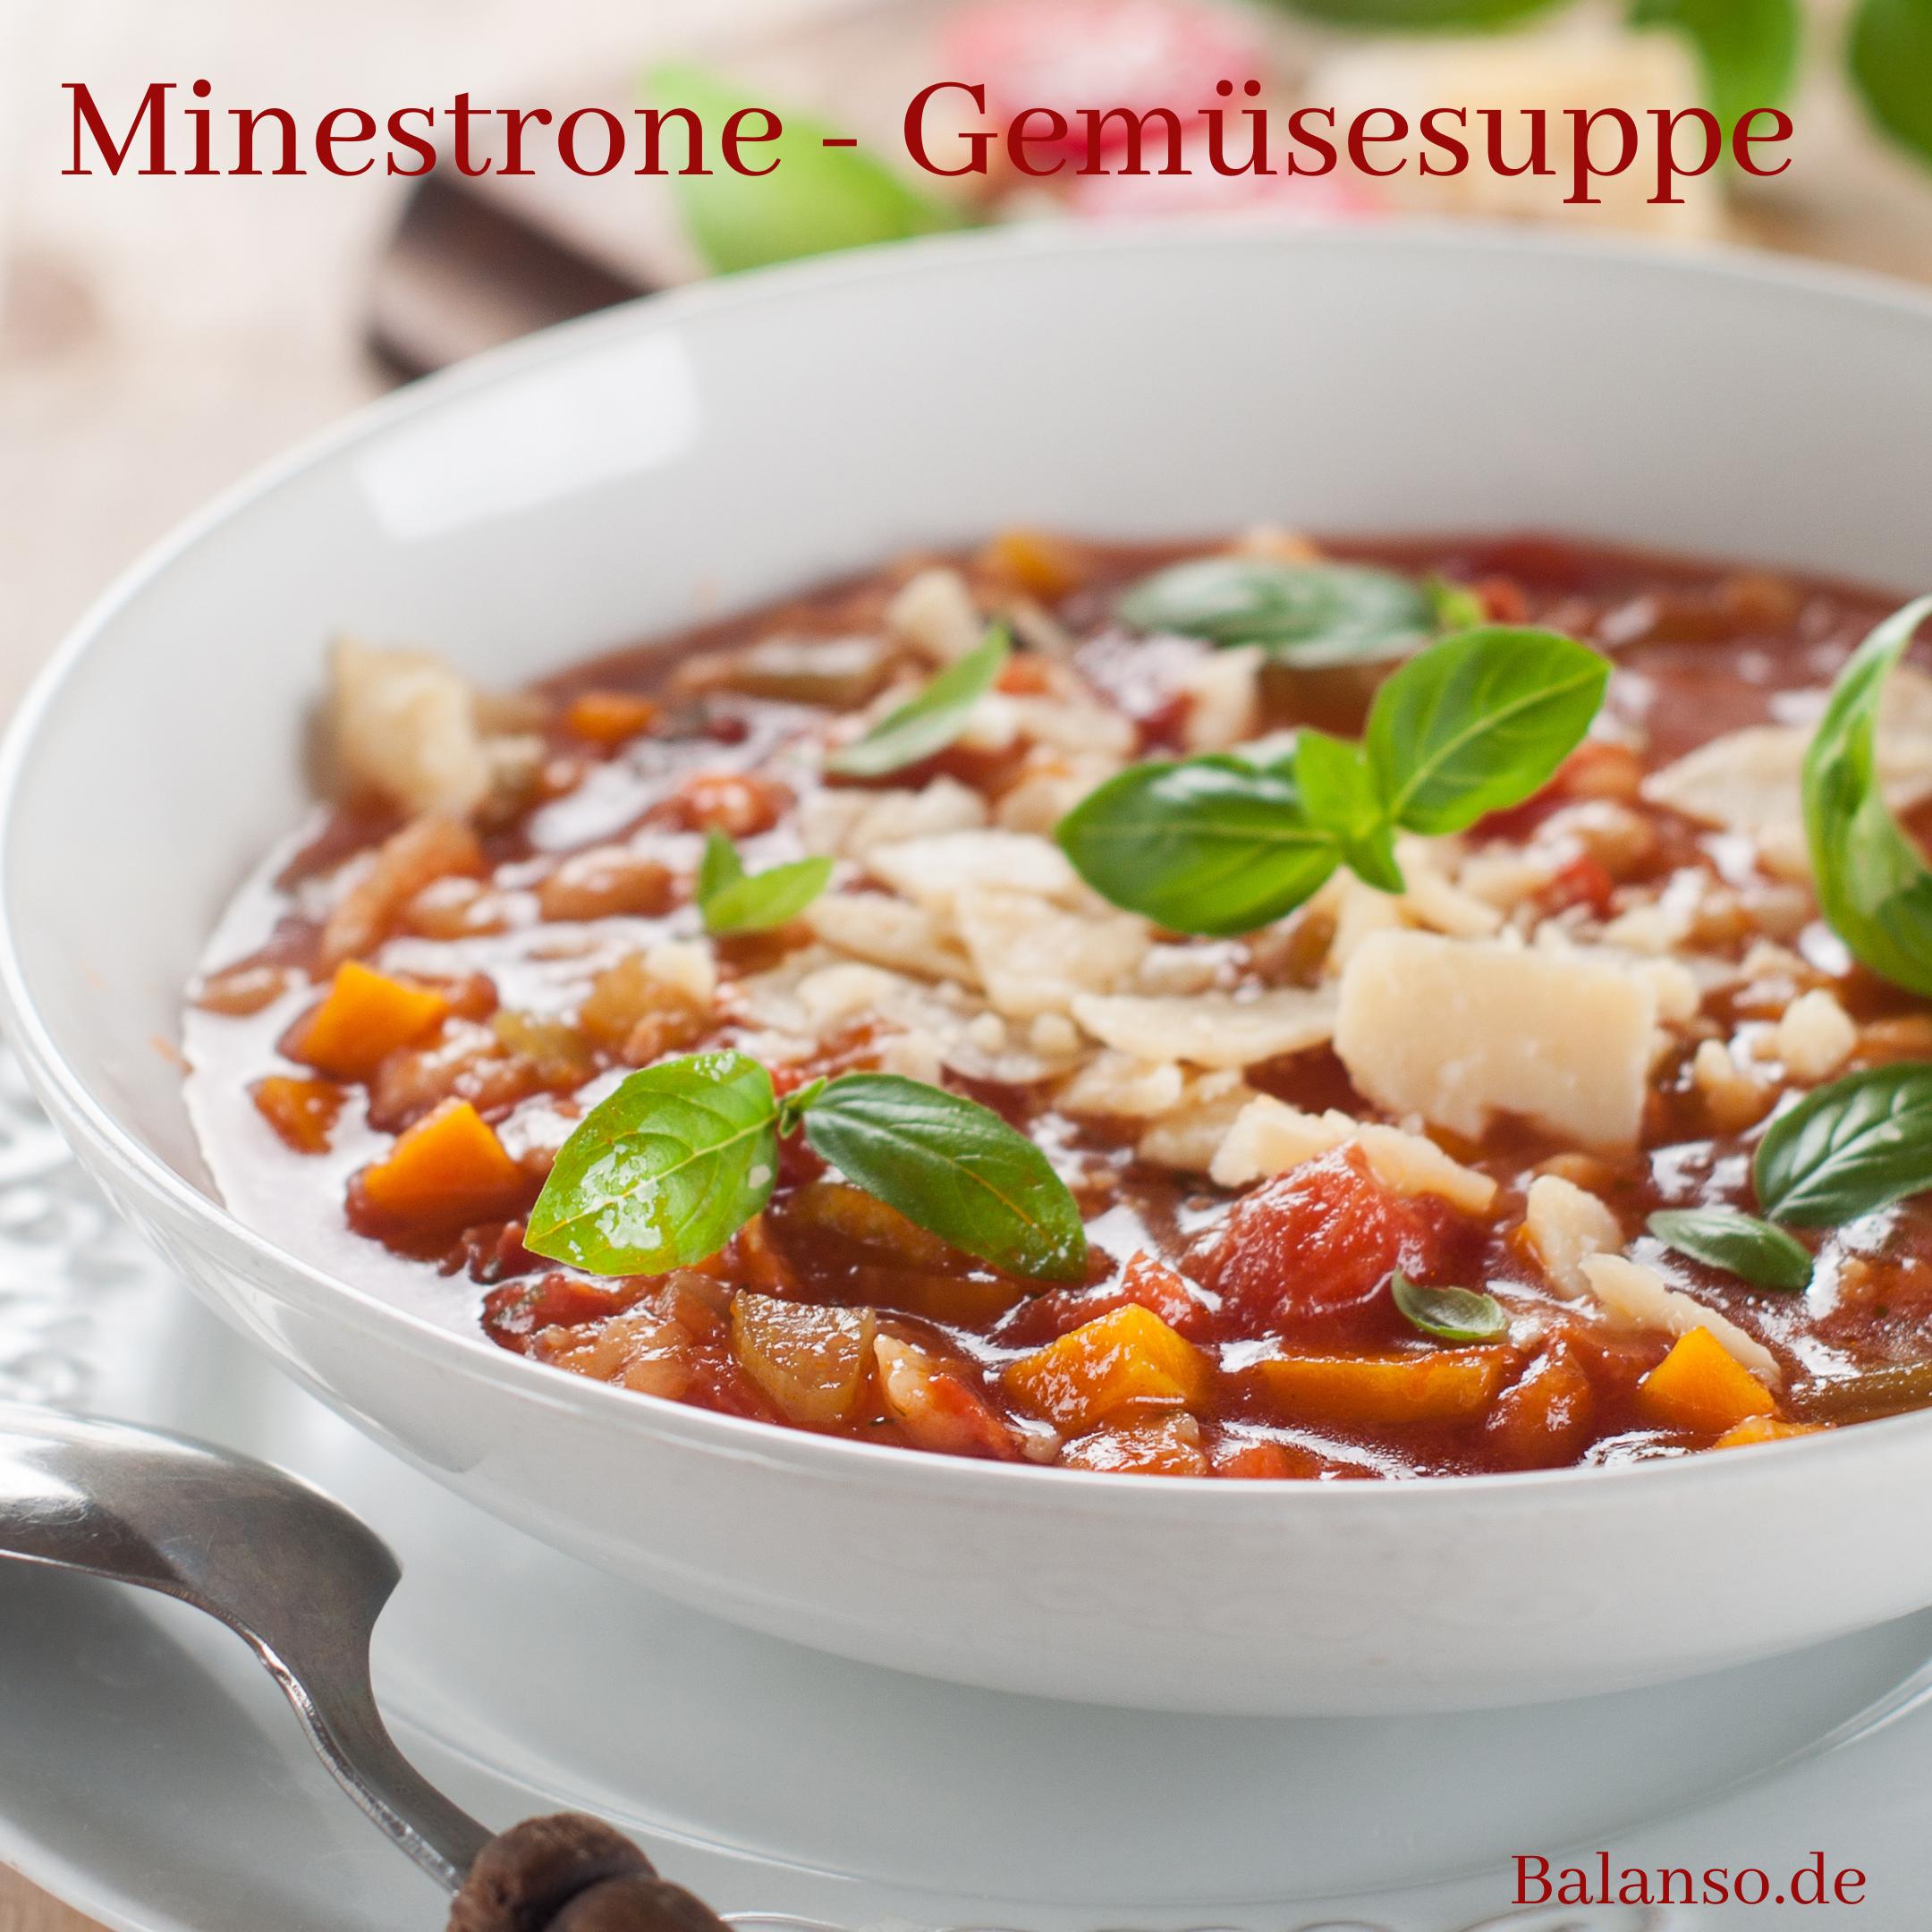 Minestrone – Gemüsesuppe